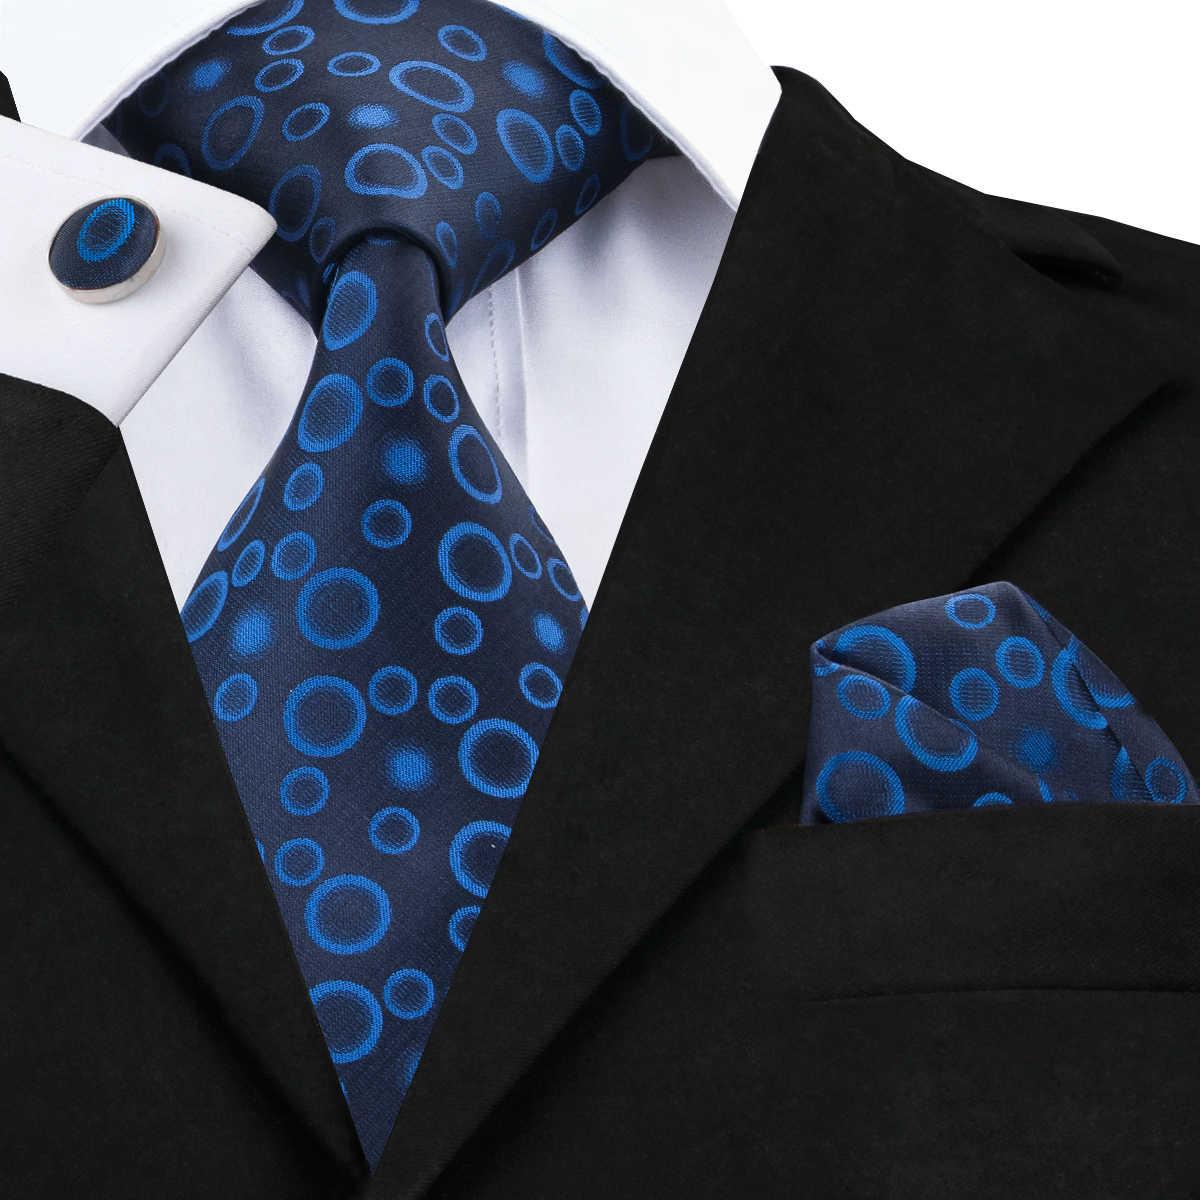 مرحبا التعادل الرجال التعادل الحرير المنديل أزرار أكمام مجموعة عالية الجودة الذهب الأحمر الأزرق الوردي الصلبة العلاقات للرجال حفل زفاف الأعمال ربطة العنق